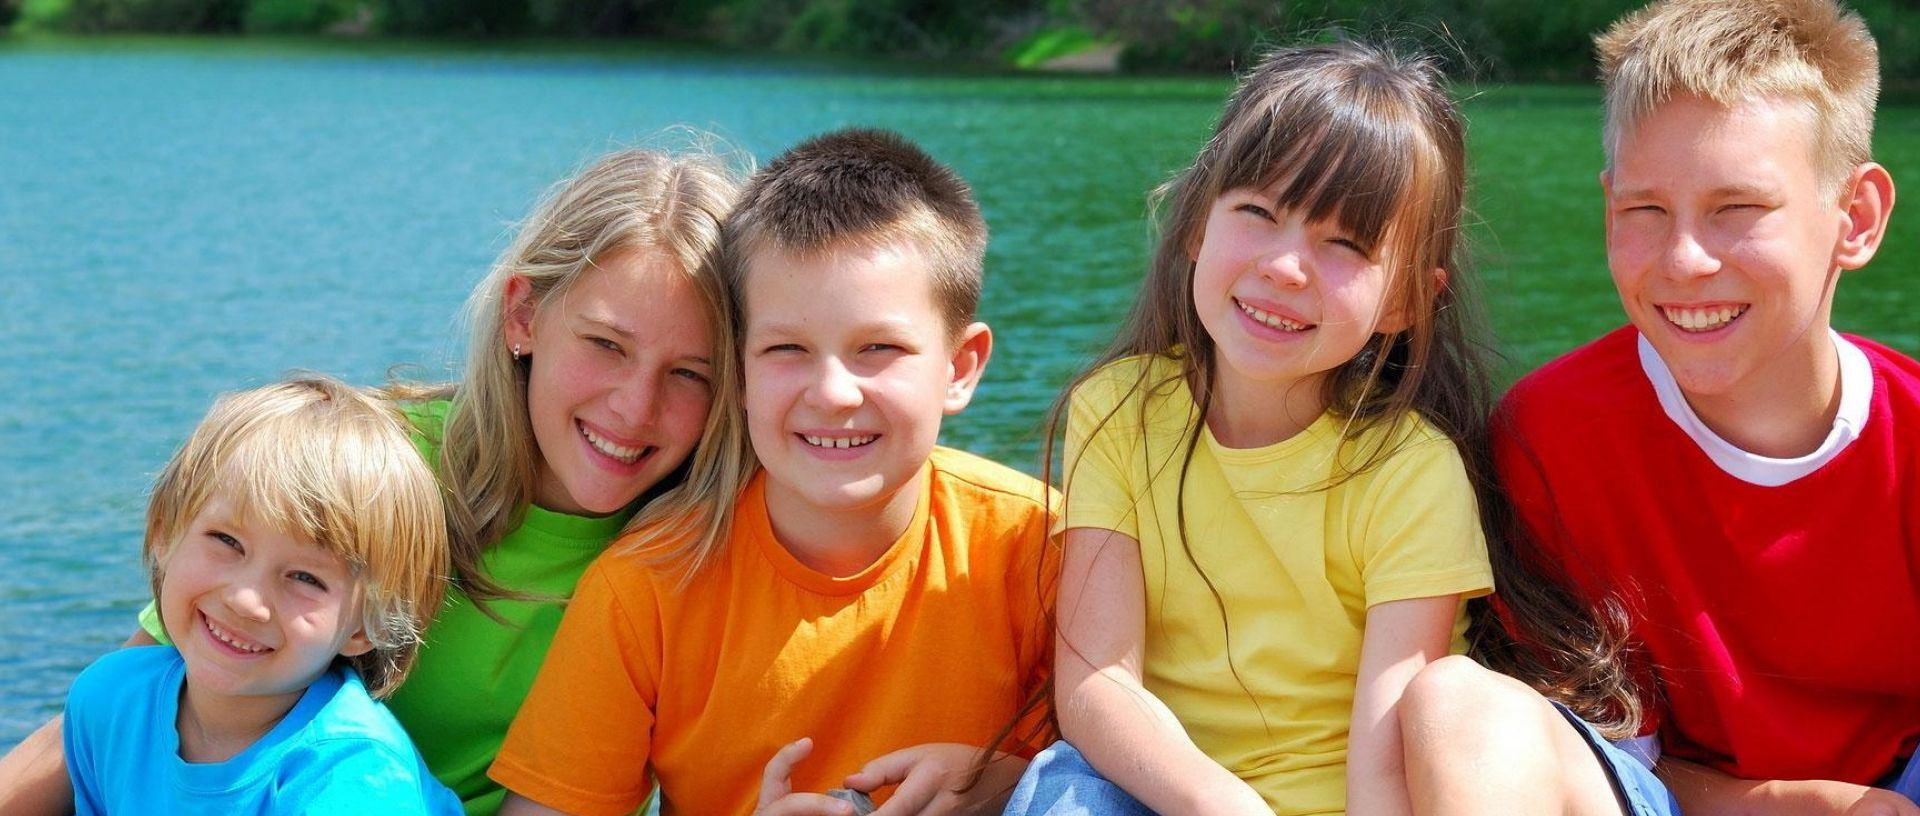 фото с детьми